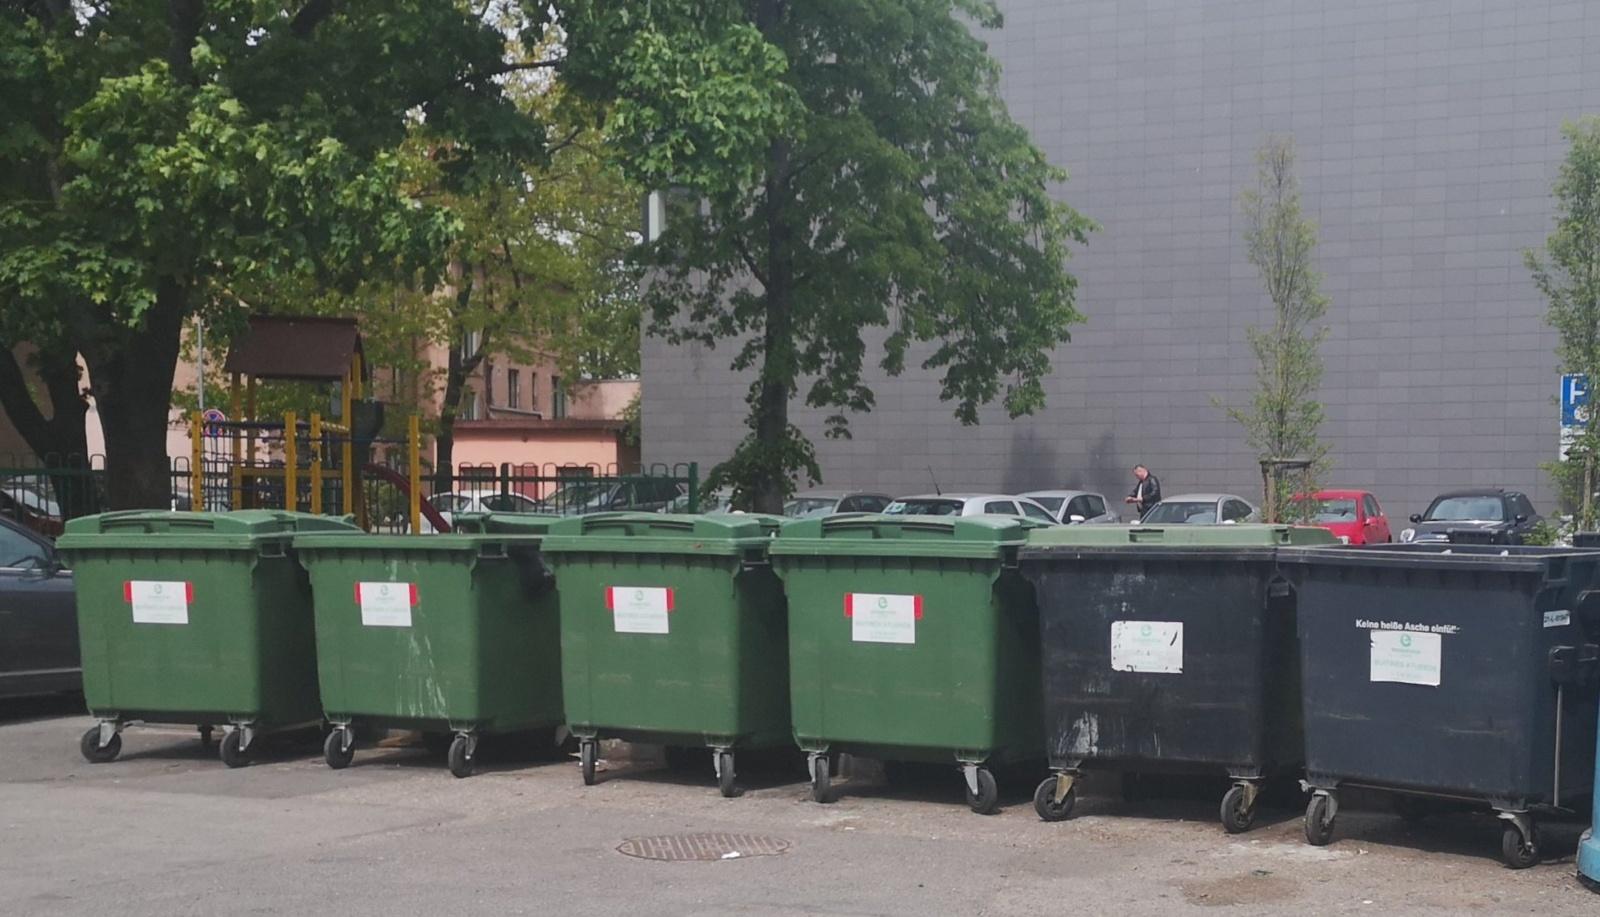 Planuojamos pusiau požeminių konteinerių aikštelės